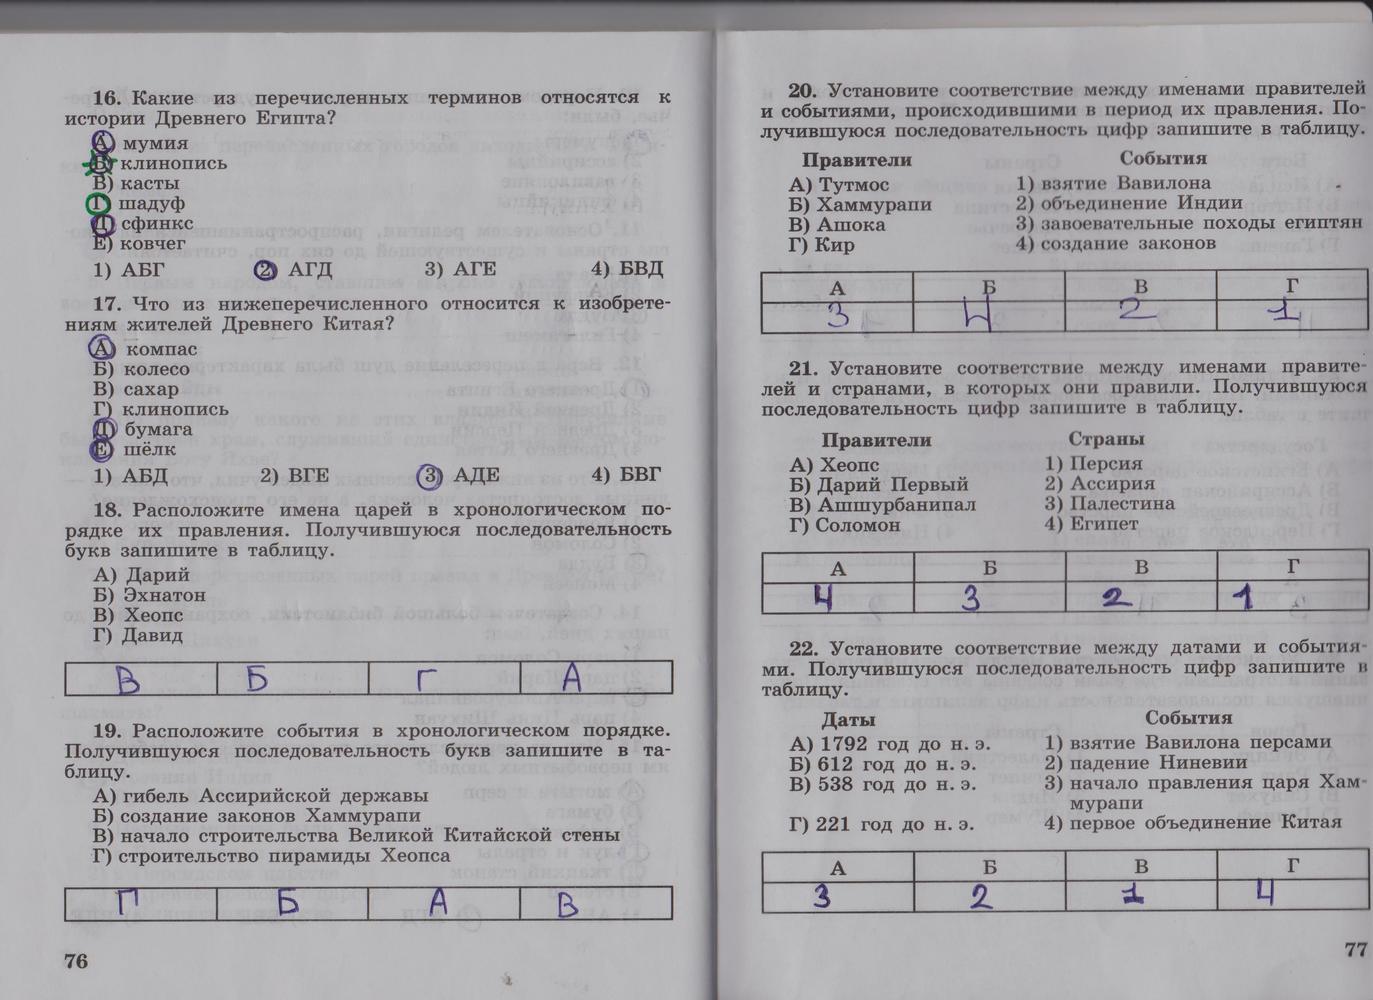 гдз по истории 5 класс рабочая тетрадь 2 часть годер тесты